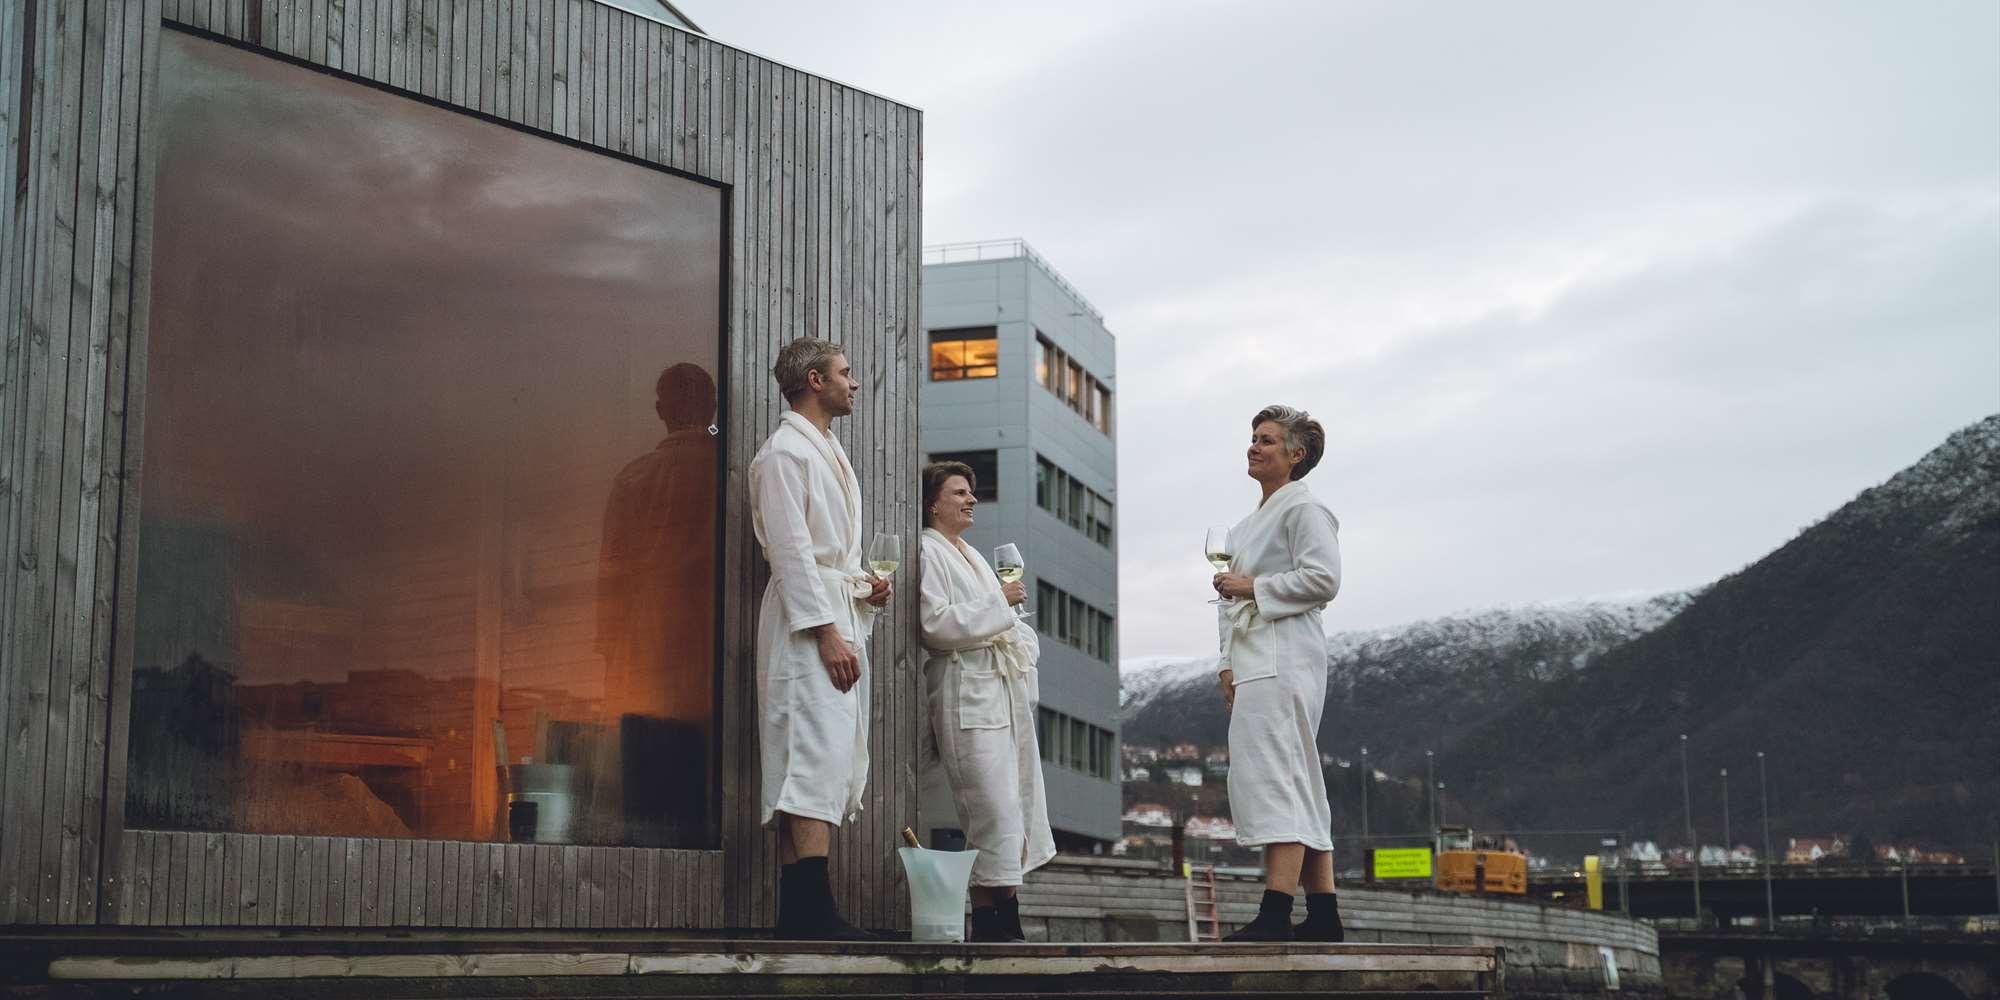 Heit Bergen Sauna as